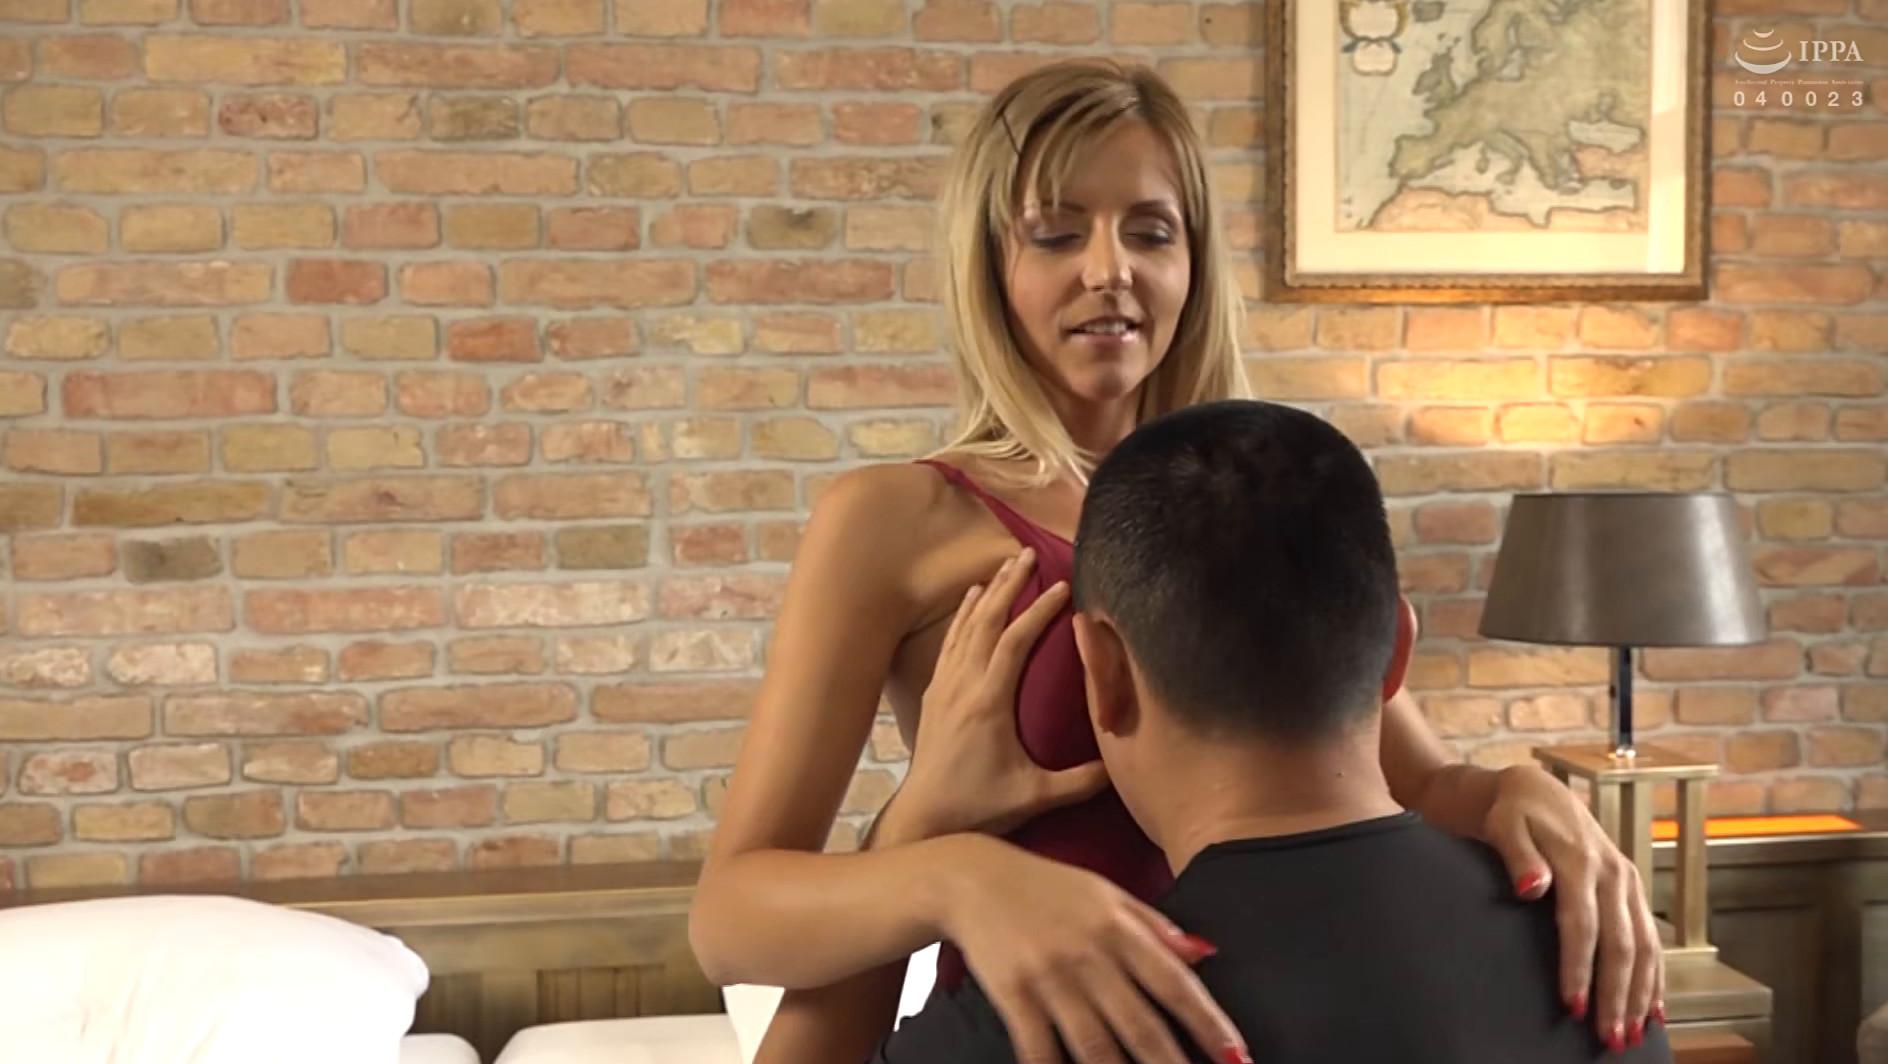 長身!美脚!ハンガリーで見つけたパツキン美女と水着でセックス! 画像6